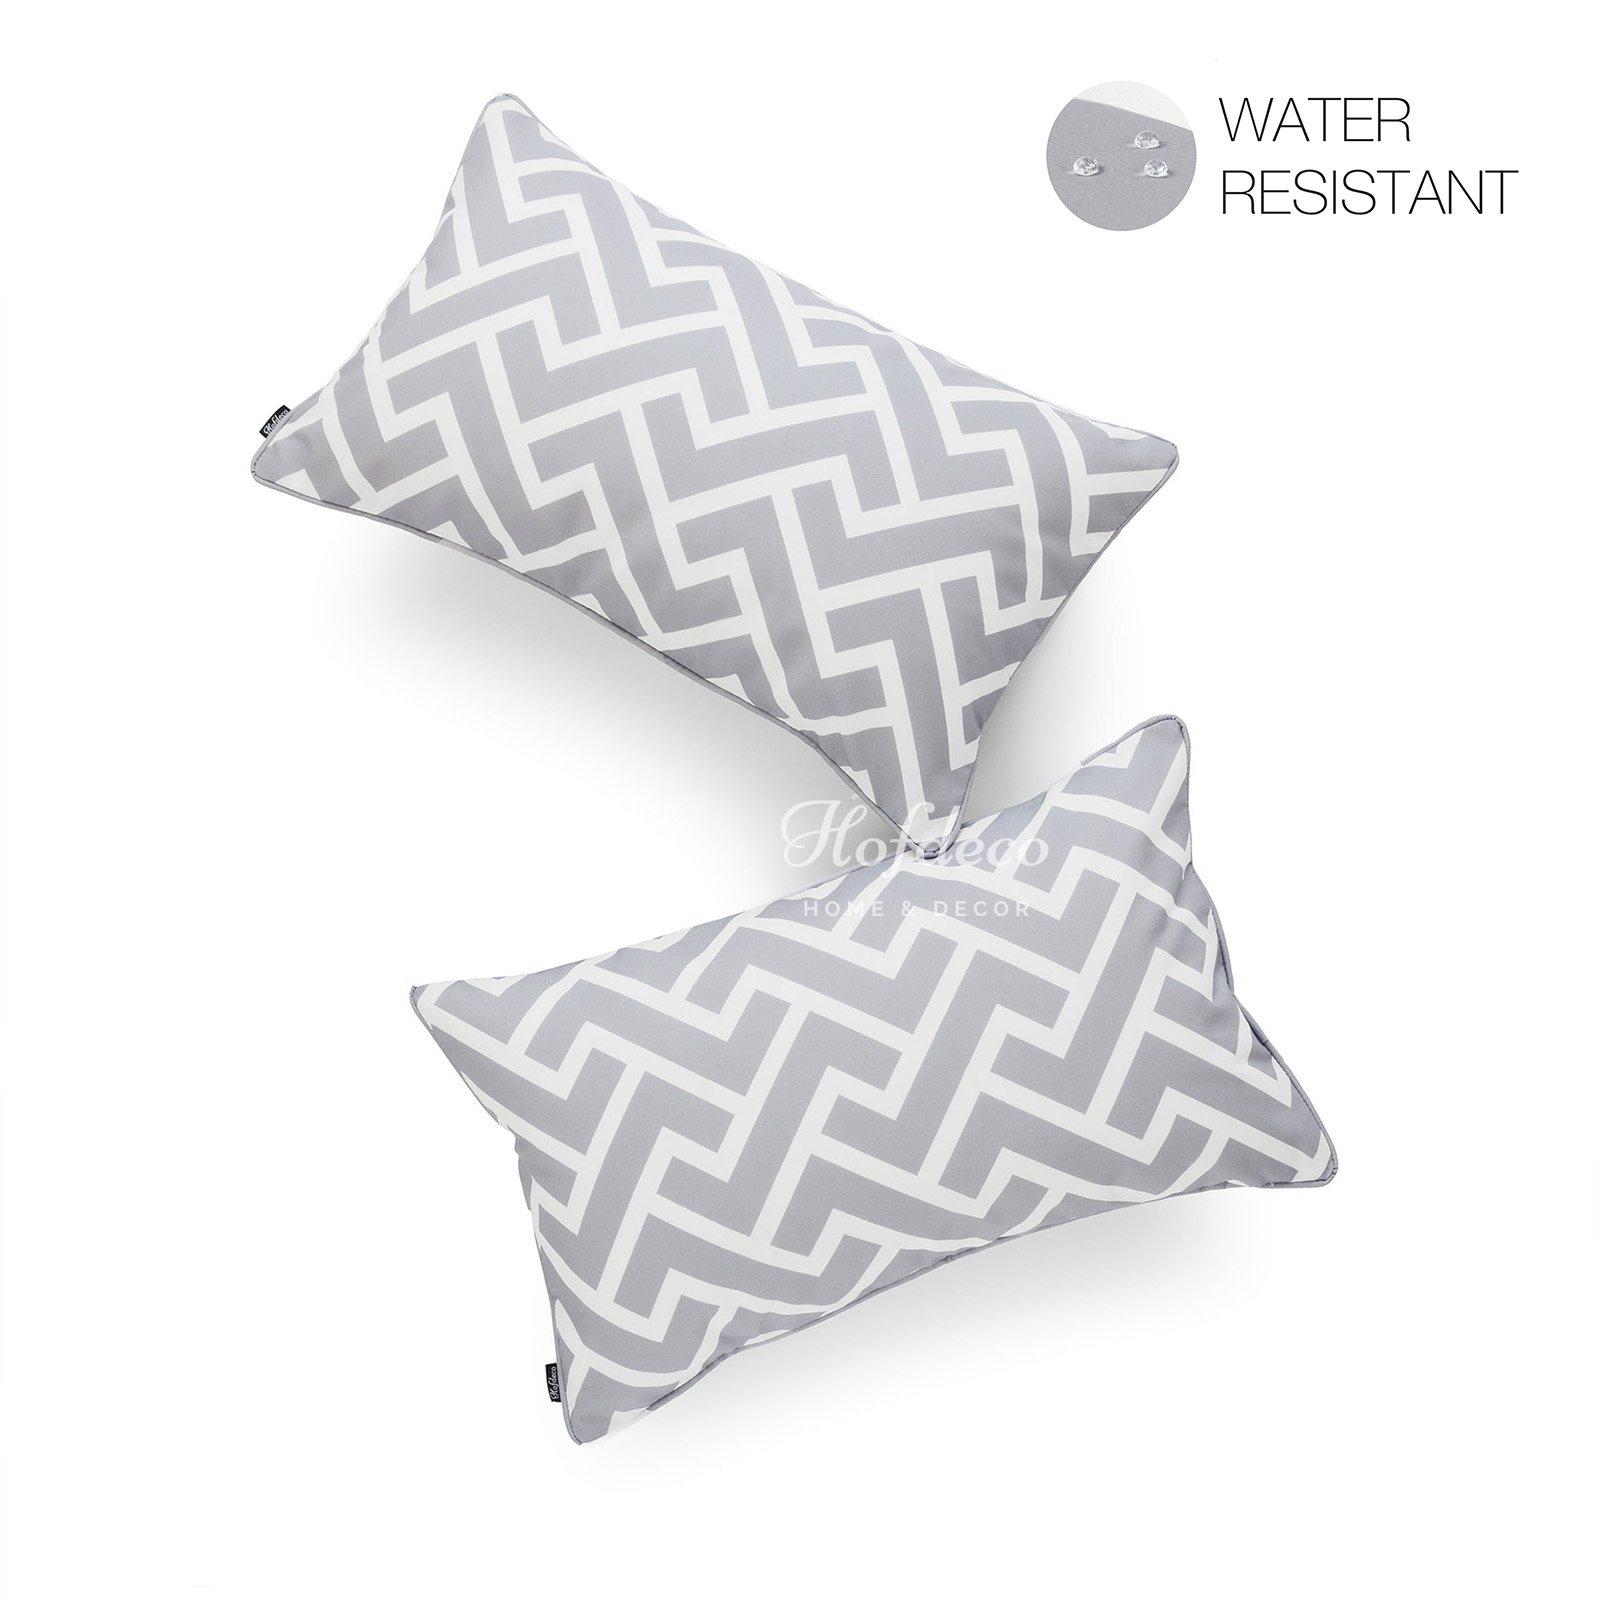 Hofdeco Decorative Lumbar Pillow Cover INDOOR OUTDOOR WATER RESISTANT Canvas Modern Grey City Maze 12''x20'' Set of 2